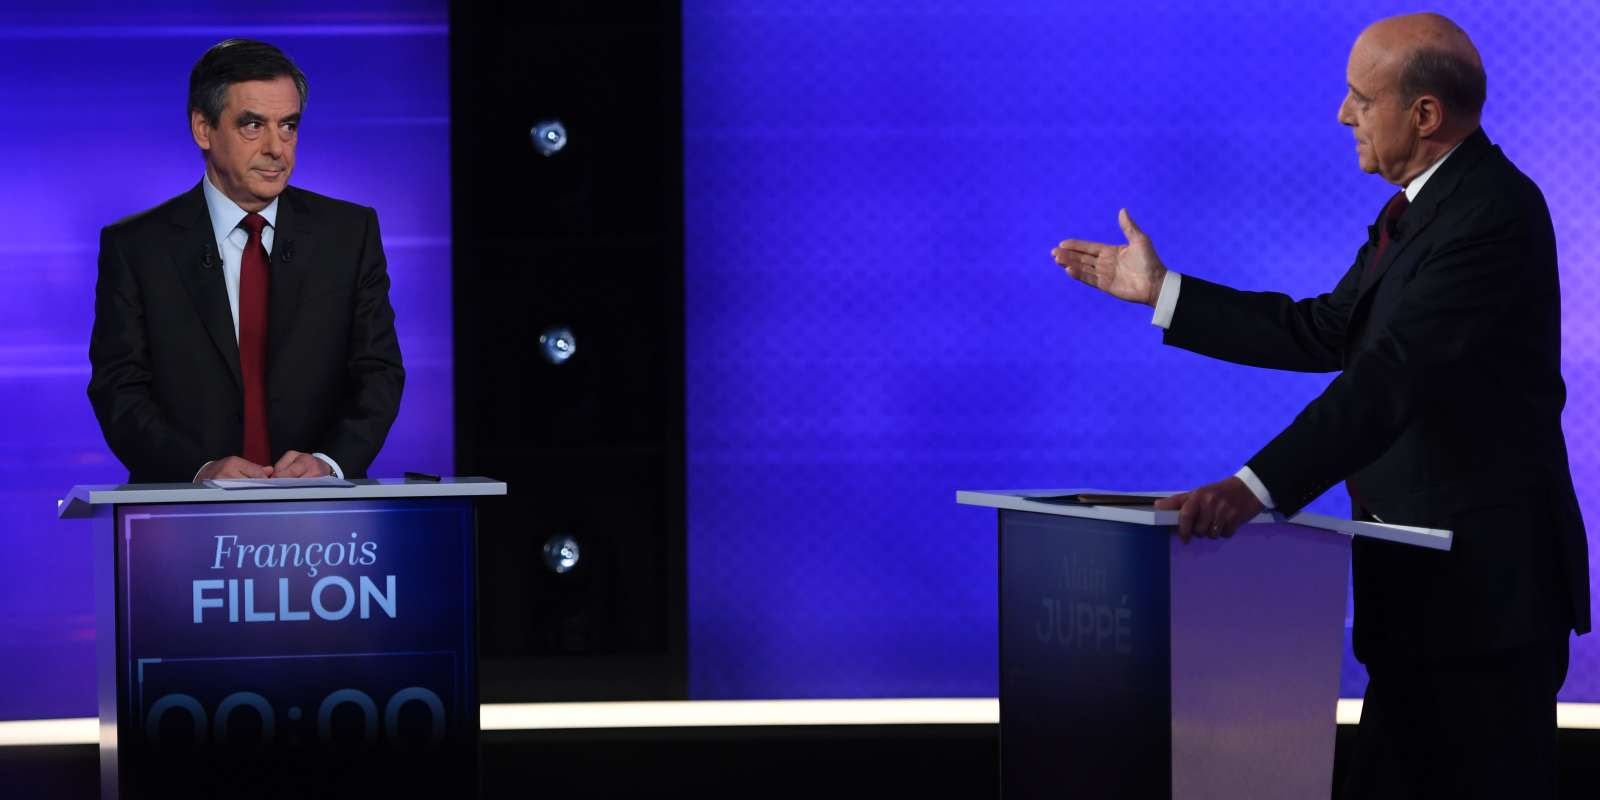 François Fillon et Alain Juppé débattent, jeudi 24 novembre, à trois jours du second tour de la primaire de la droite.